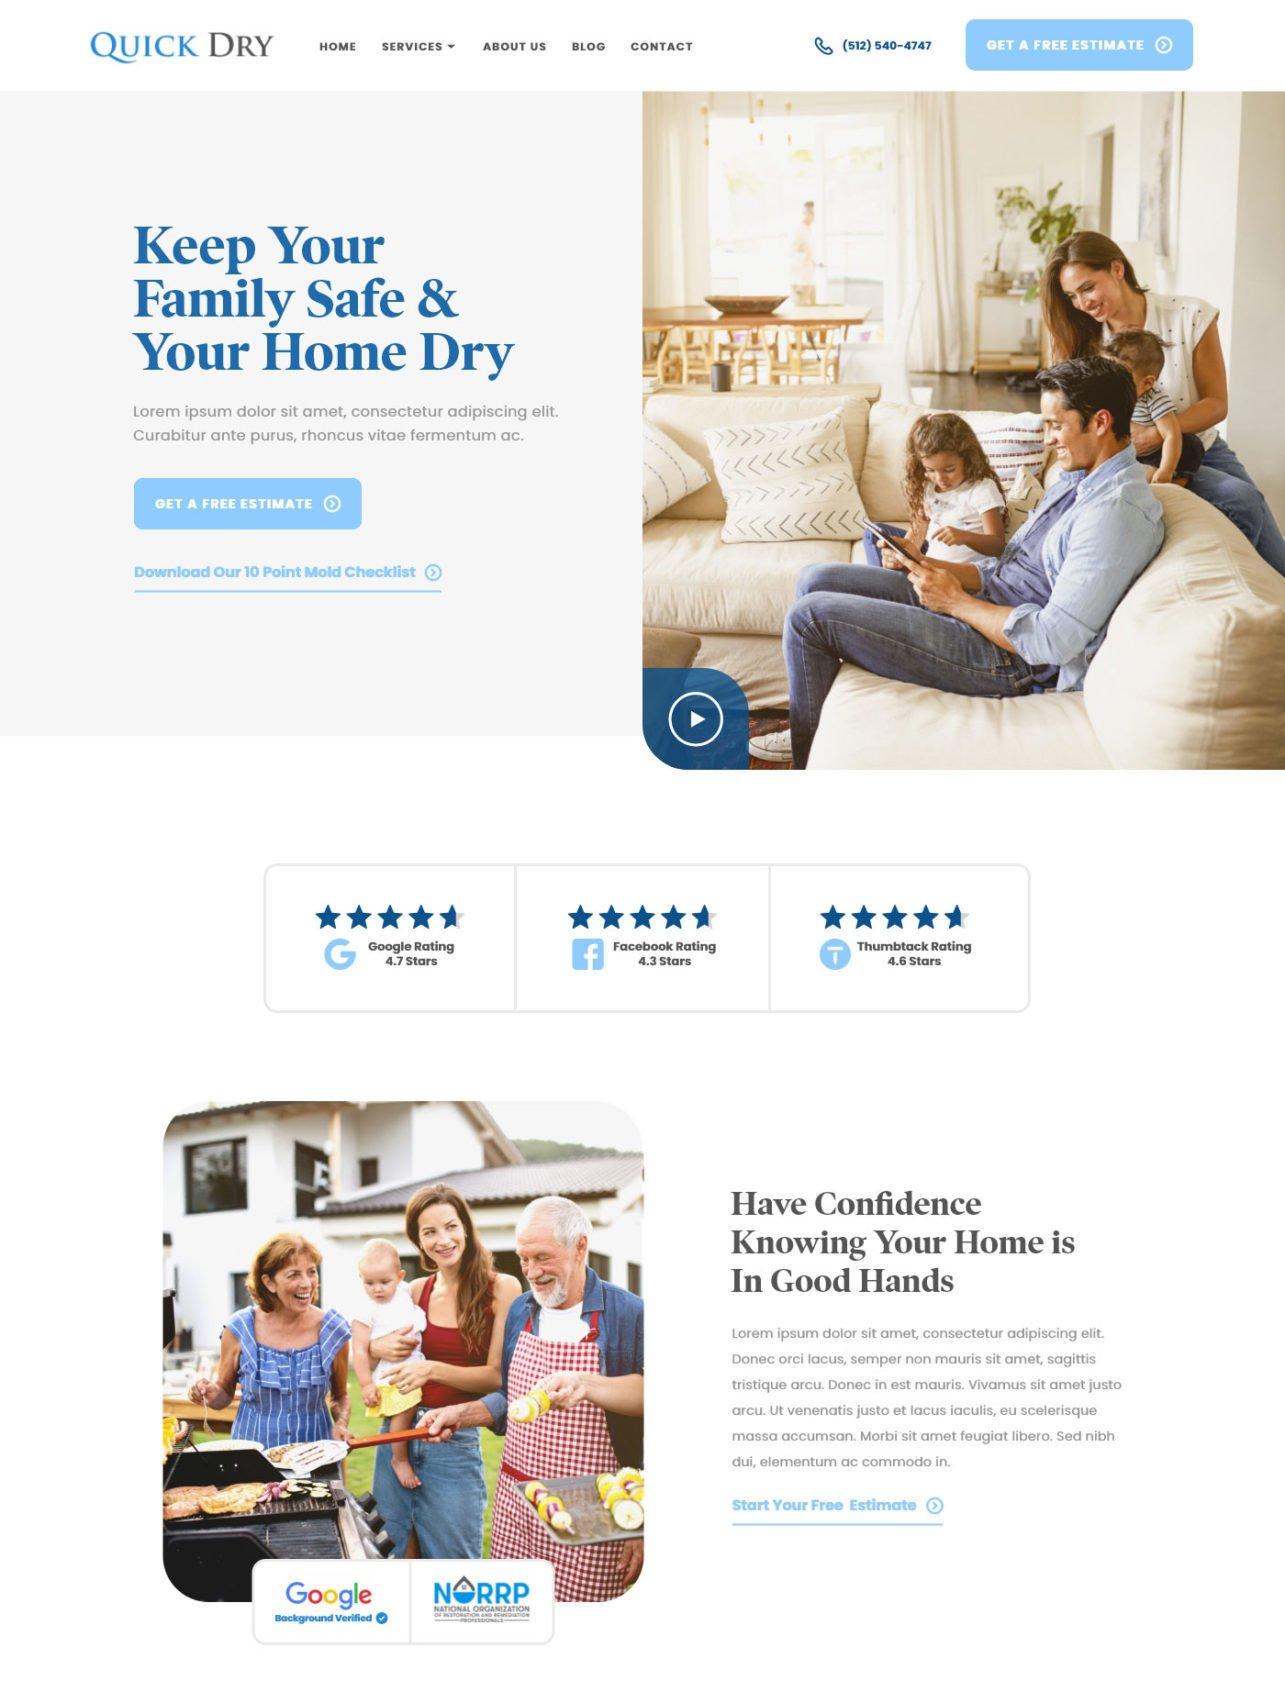 New York Web Design, Cincinnati Web Design, Detroit web design, Dallas web design, Chicago Web Design